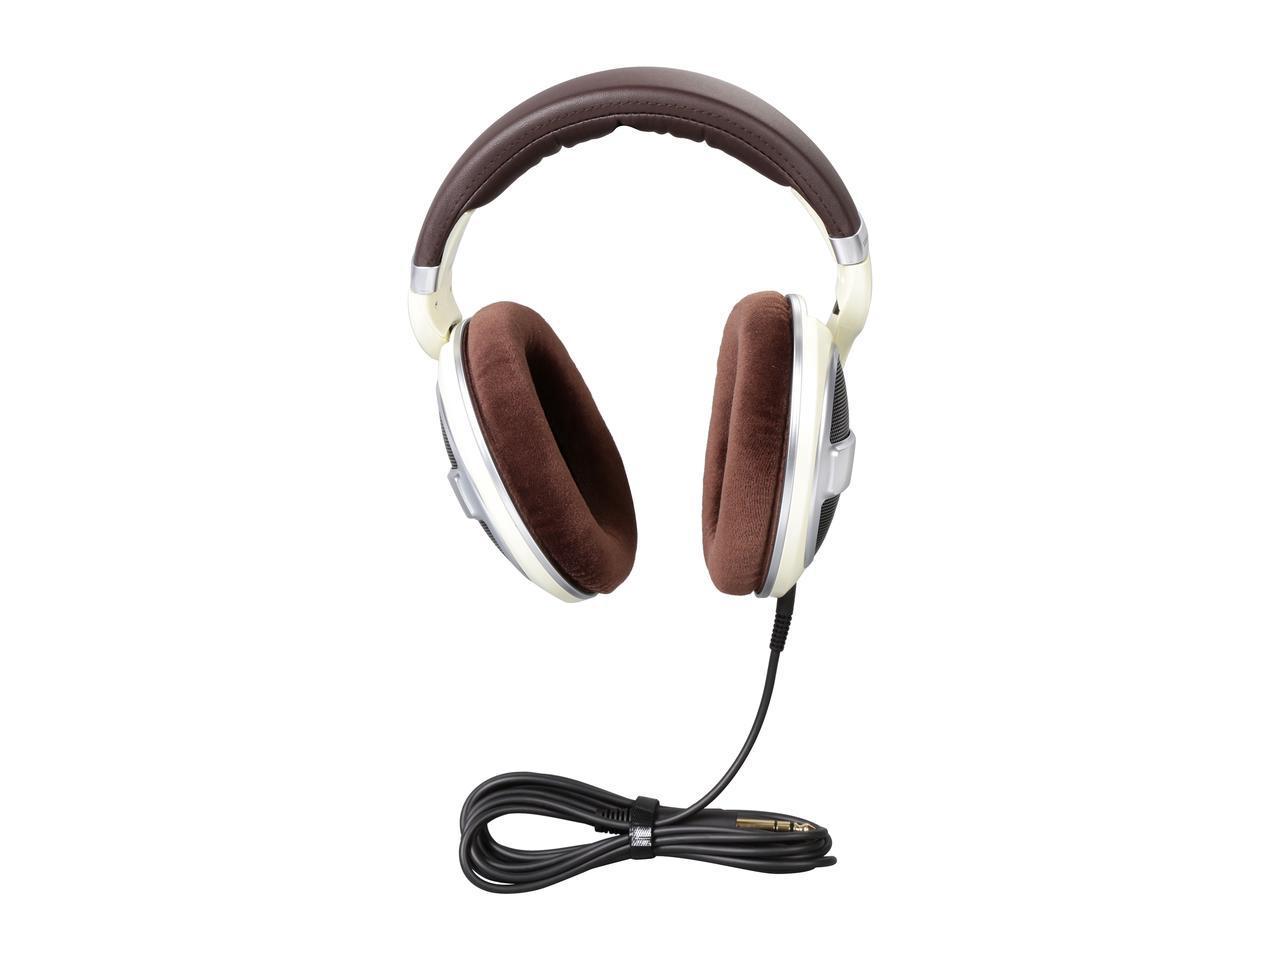 Sennheiser Hd 440 Bt Price In Pakistan Buy Headphone Online Around Ear Headphones Ivory